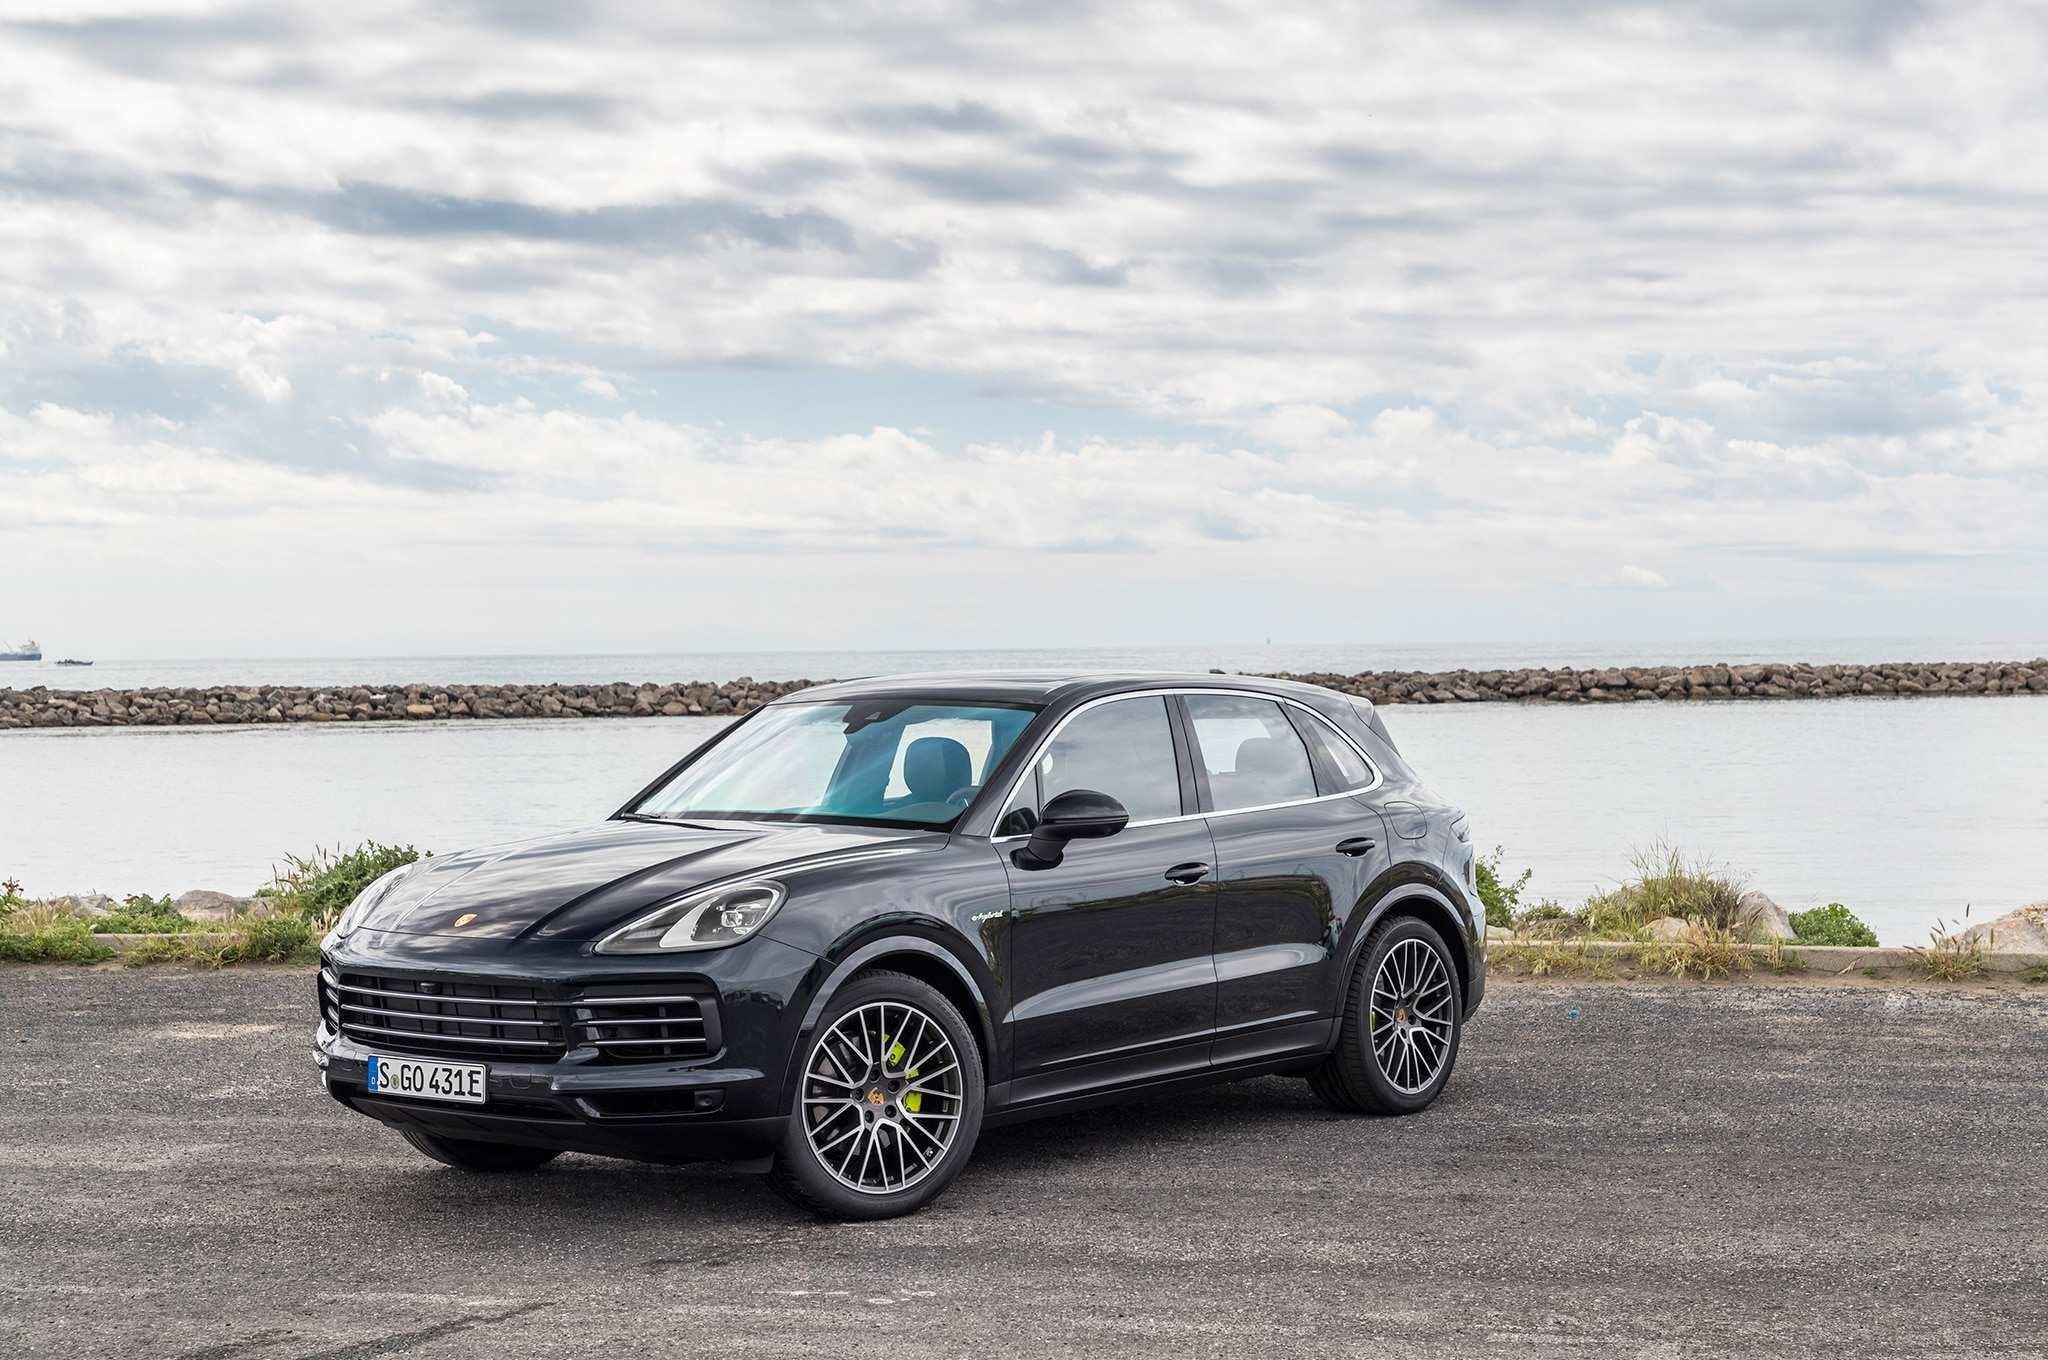 21 Concept of 2019 Porsche E Hybrid Release with 2019 Porsche E Hybrid